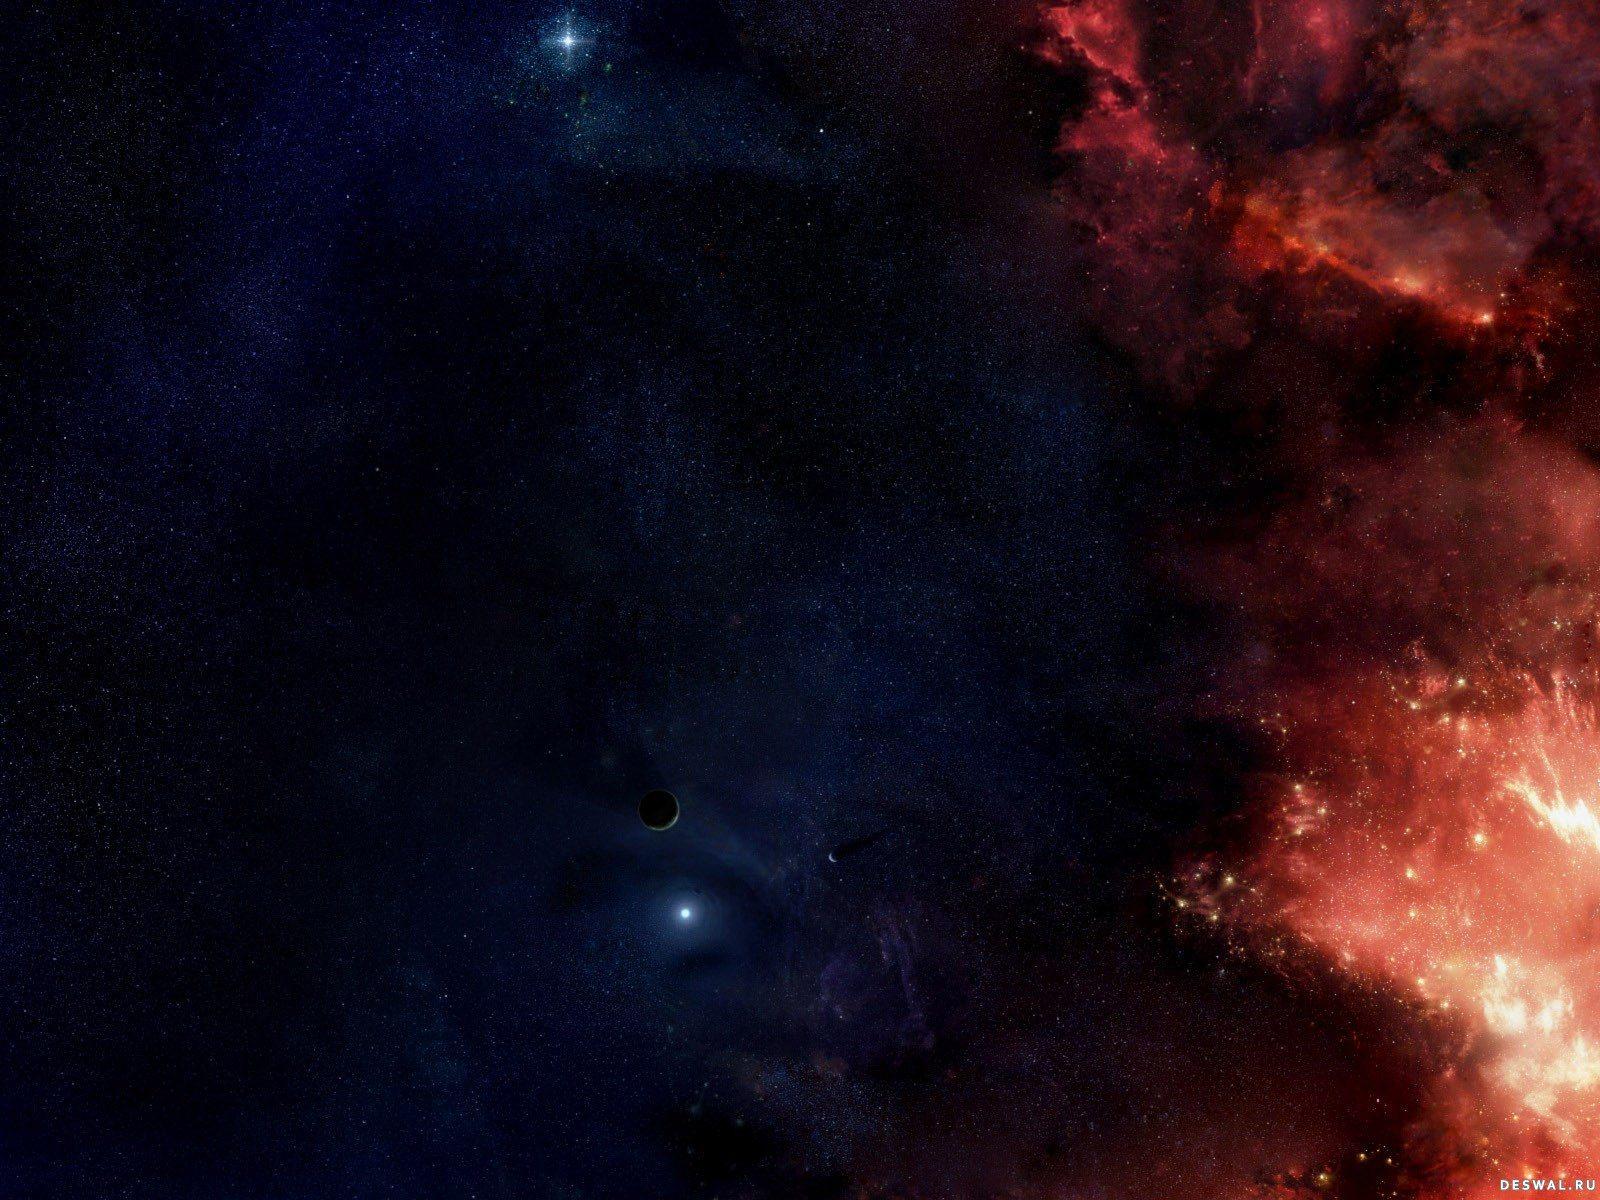 Фото 280.. Нажмите на картинку с обоями космоса, чтобы просмотреть ее в реальном размере